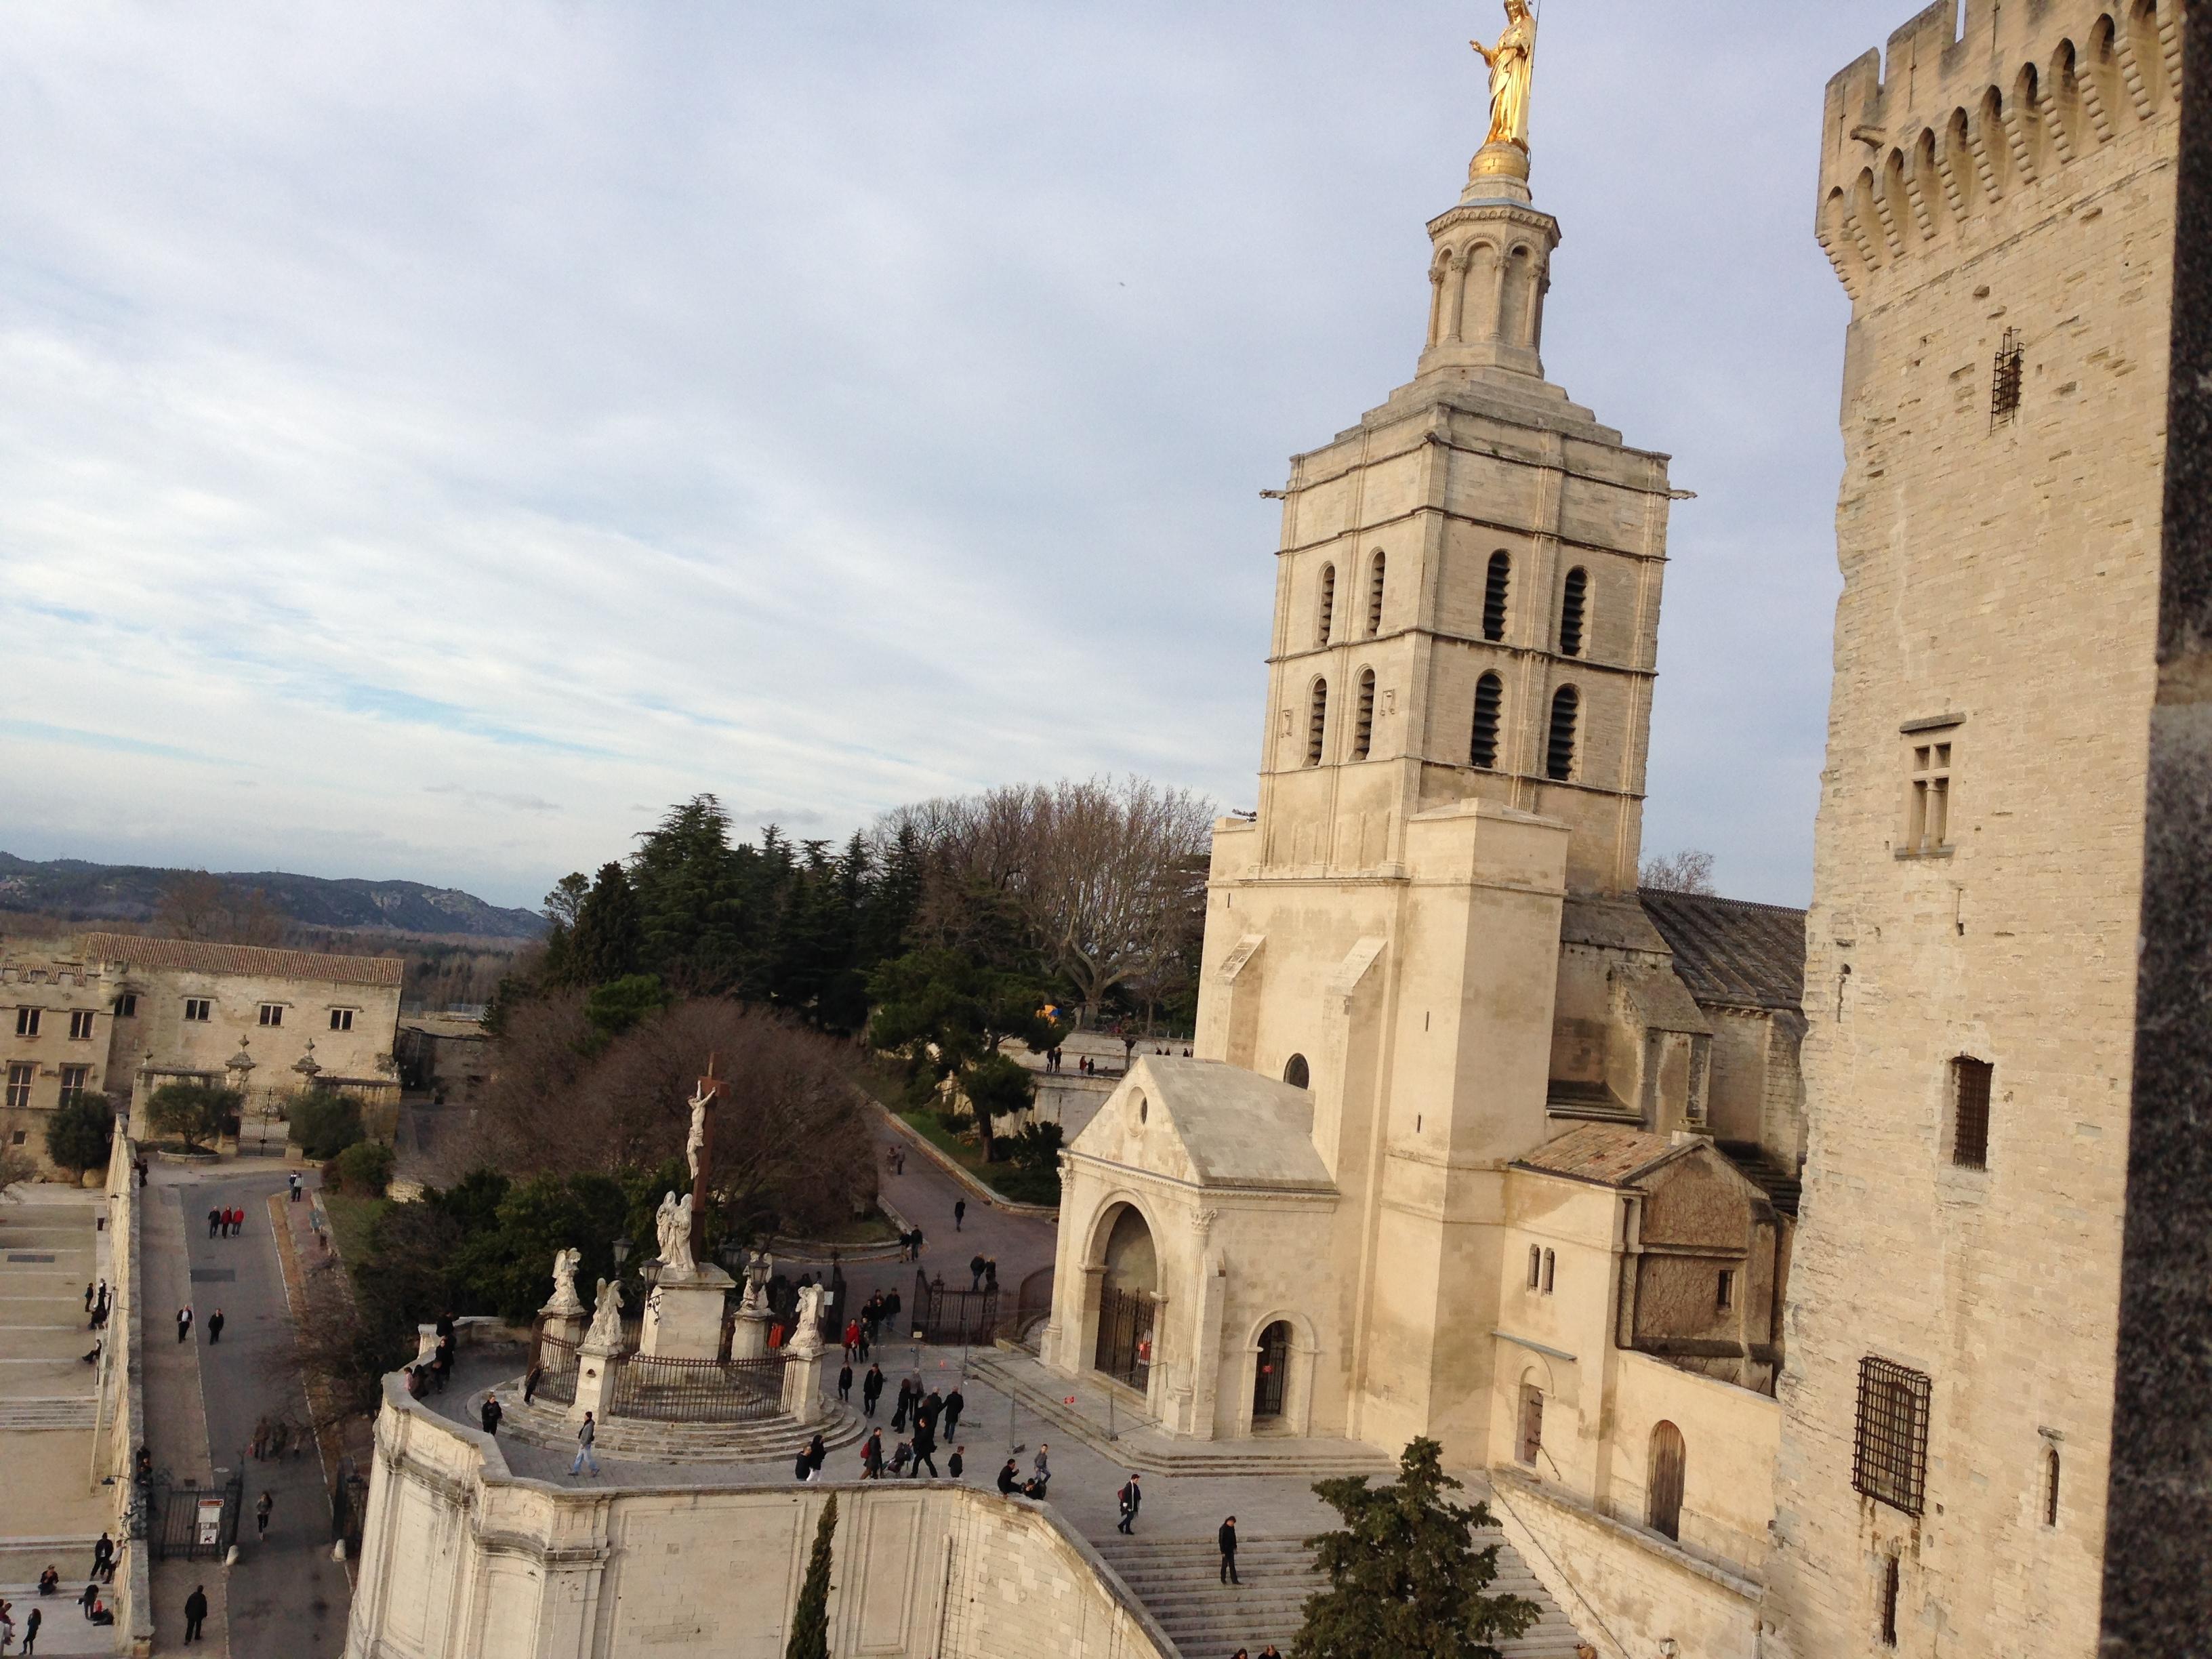 世界遺産!フランスの古都アヴィニヨン教皇庁宮殿